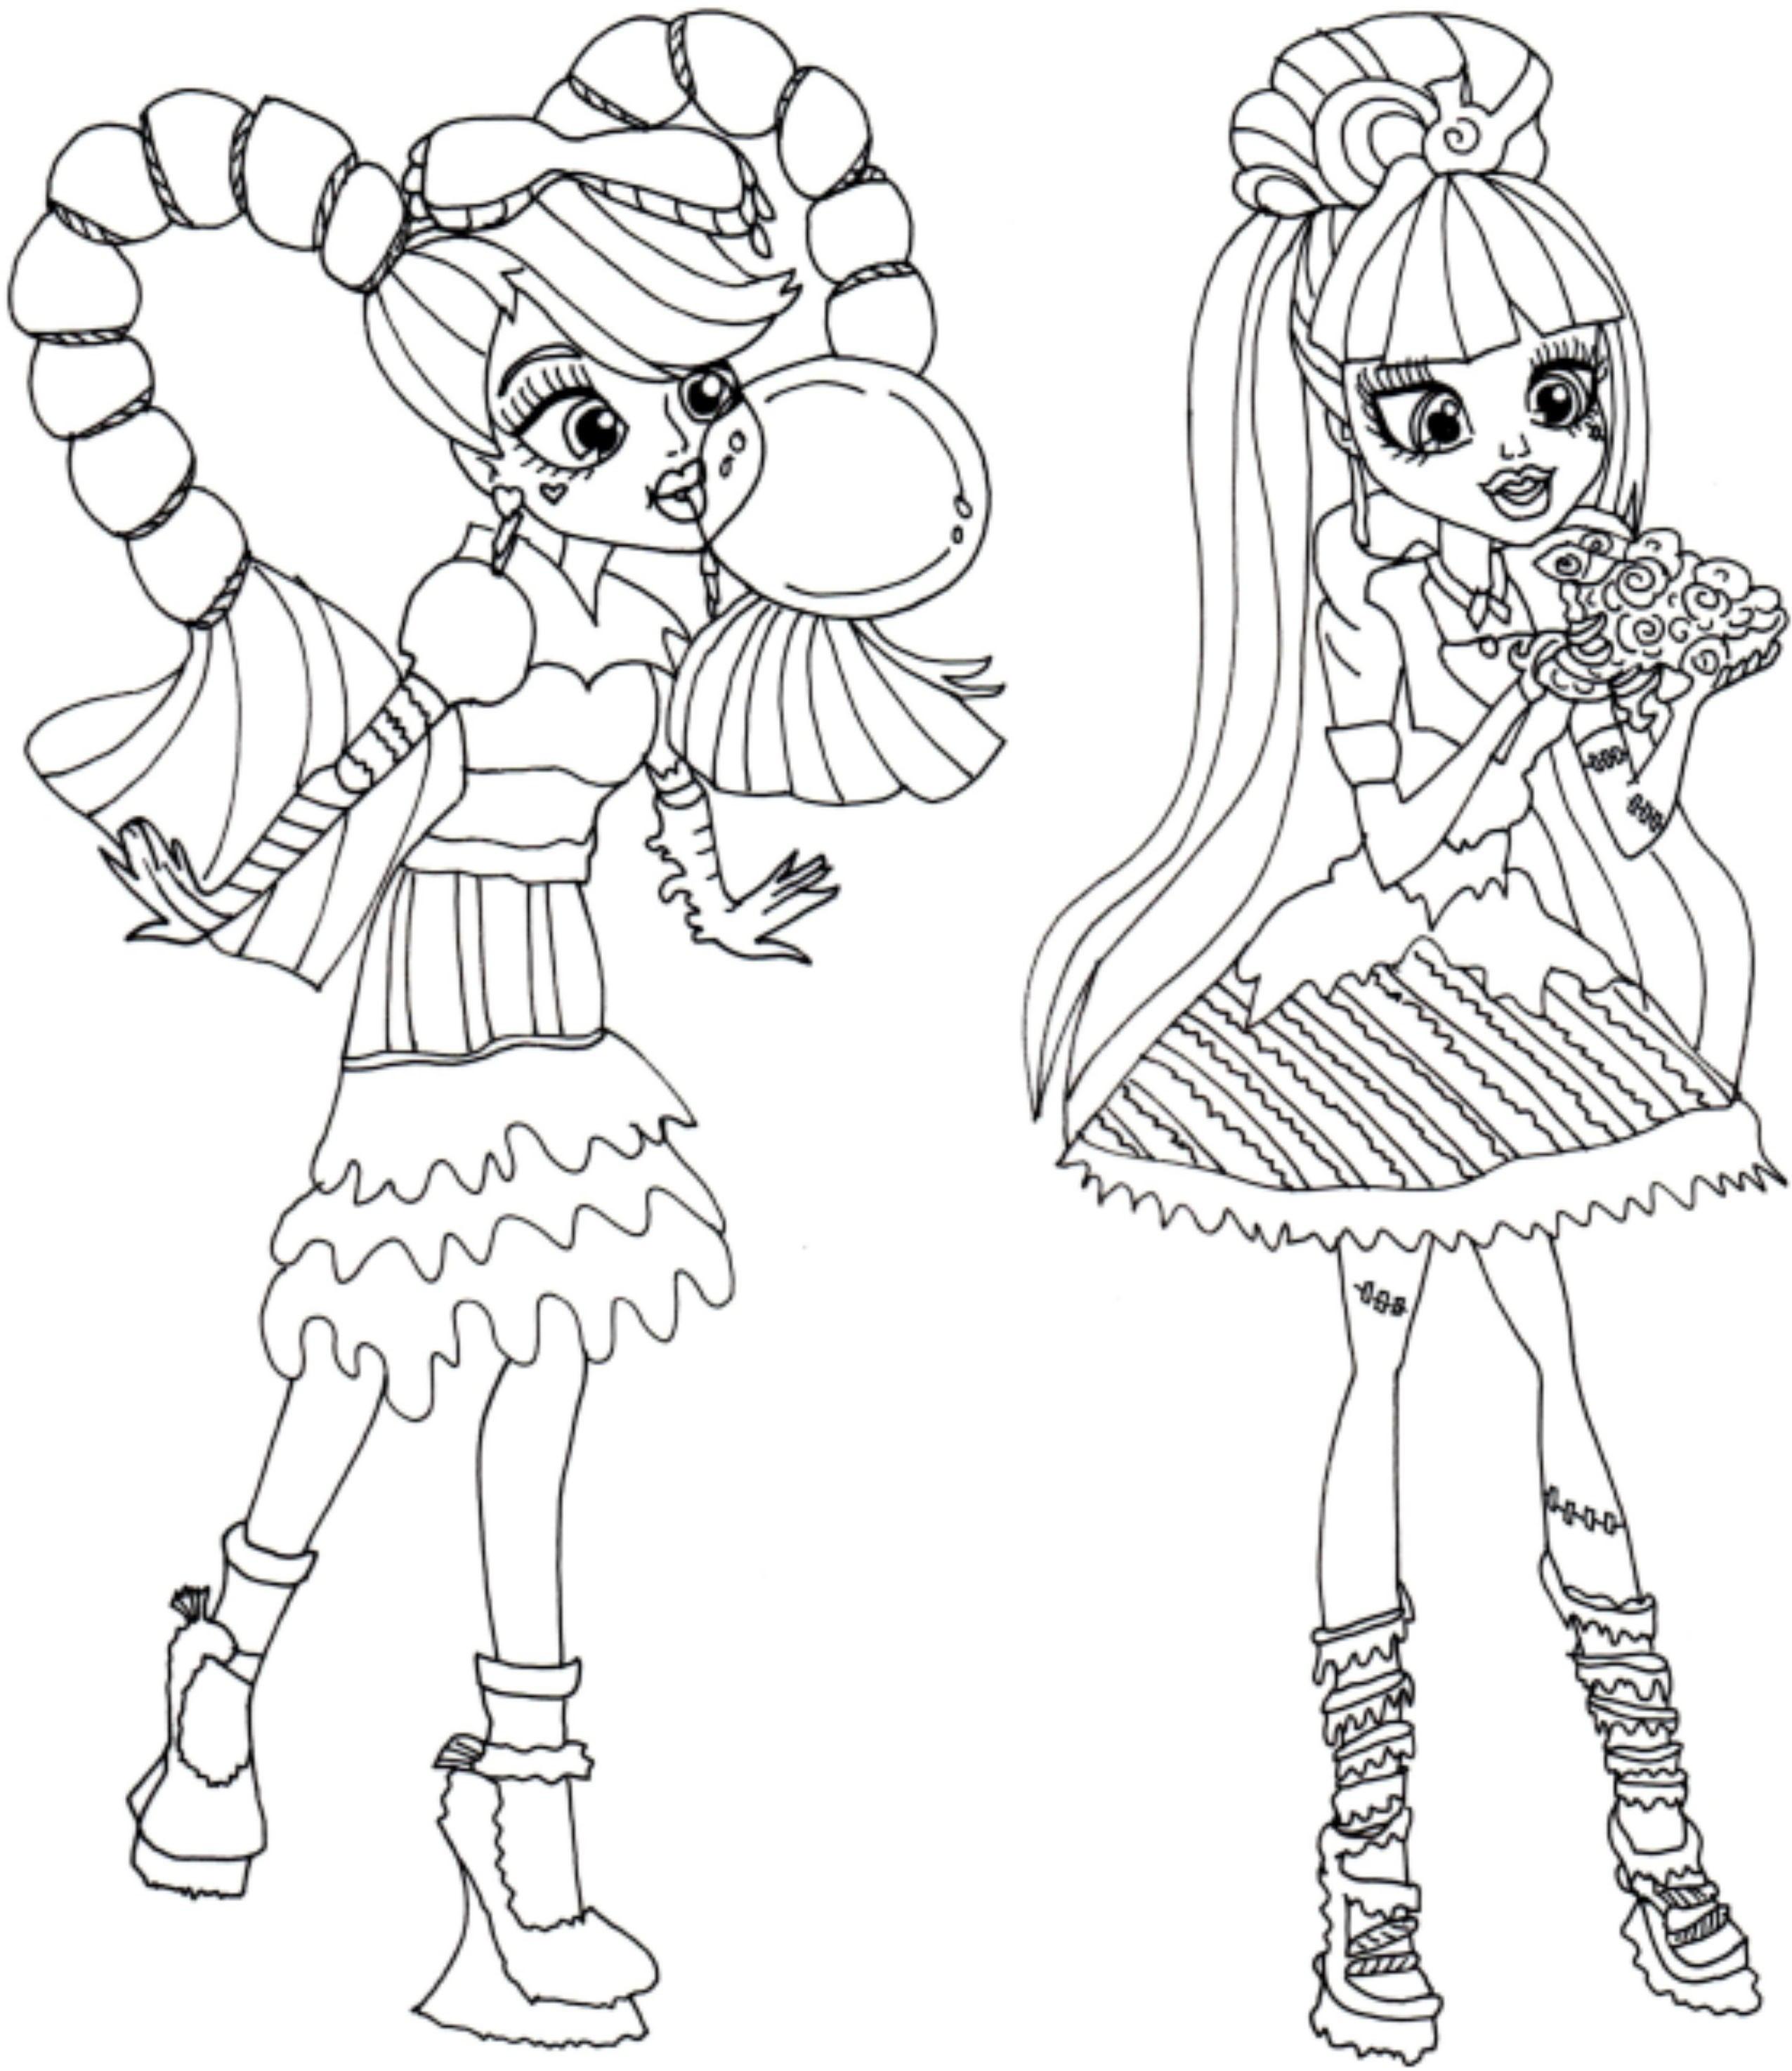 Monster High Bilder Zum Ausdrucken Frisch Baby Monster High Coloring Pages Coloring Pages Coloring Pages Das Bild